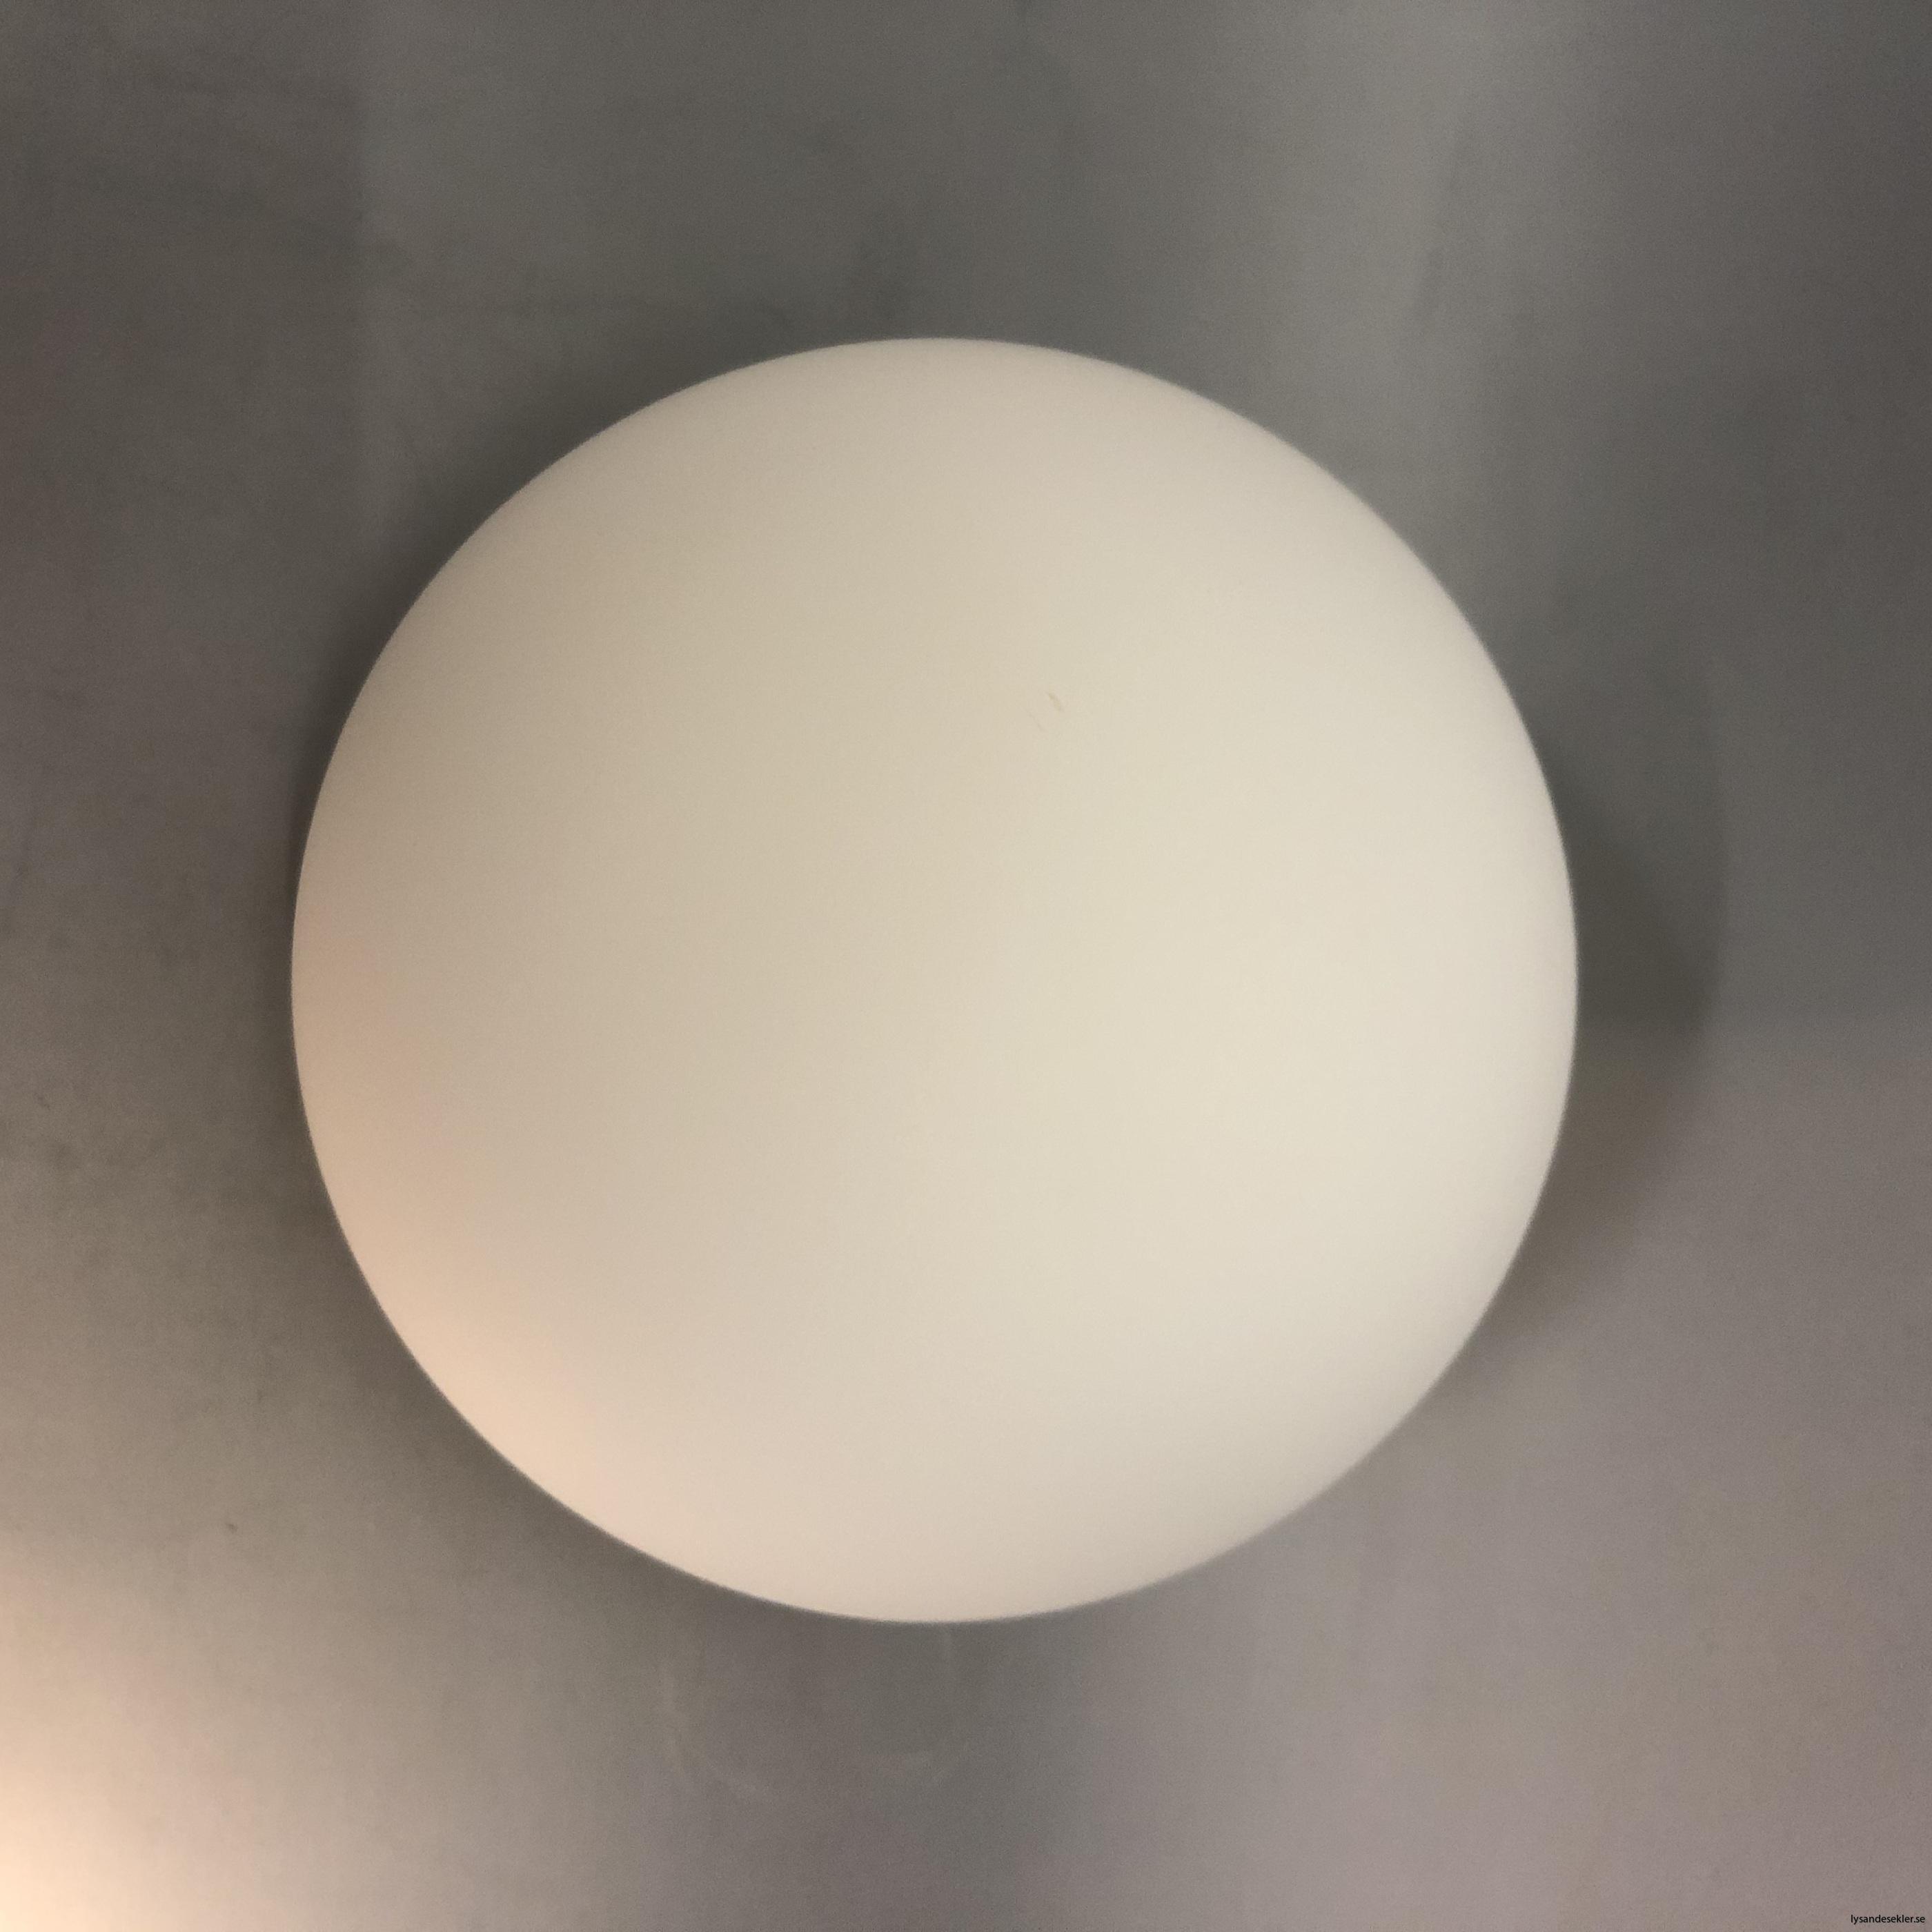 klot glas lampklot lampglas klotglas matt blankt vitt hålkupa hål17